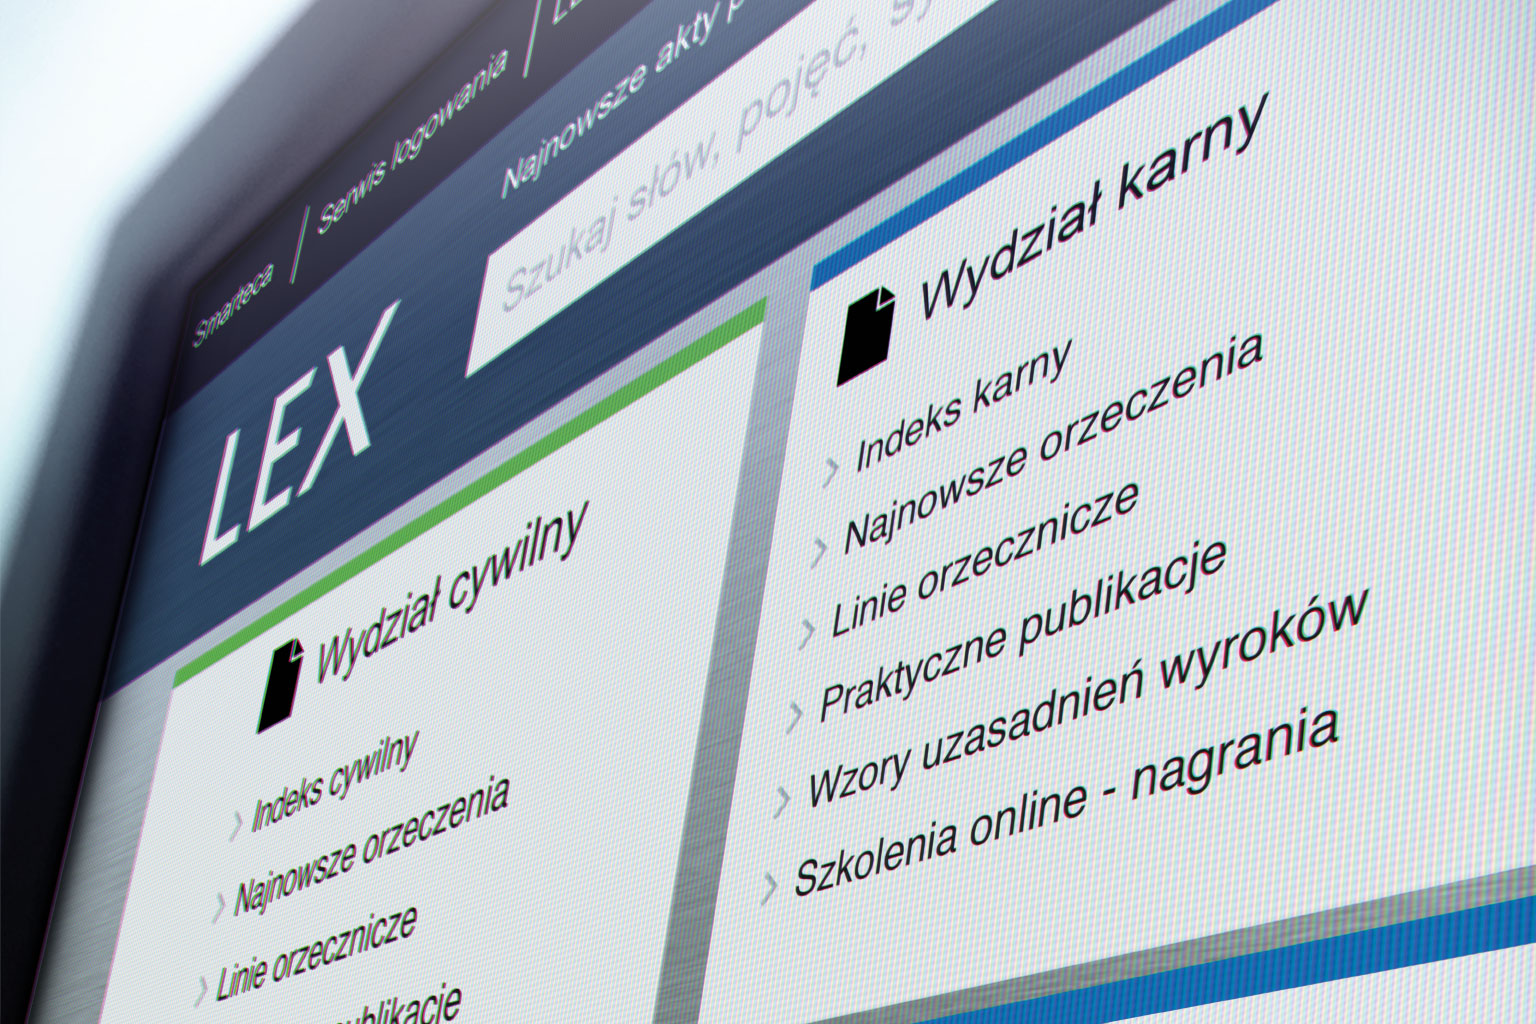 Przewodnik dla sądów LEX w kilku krokach